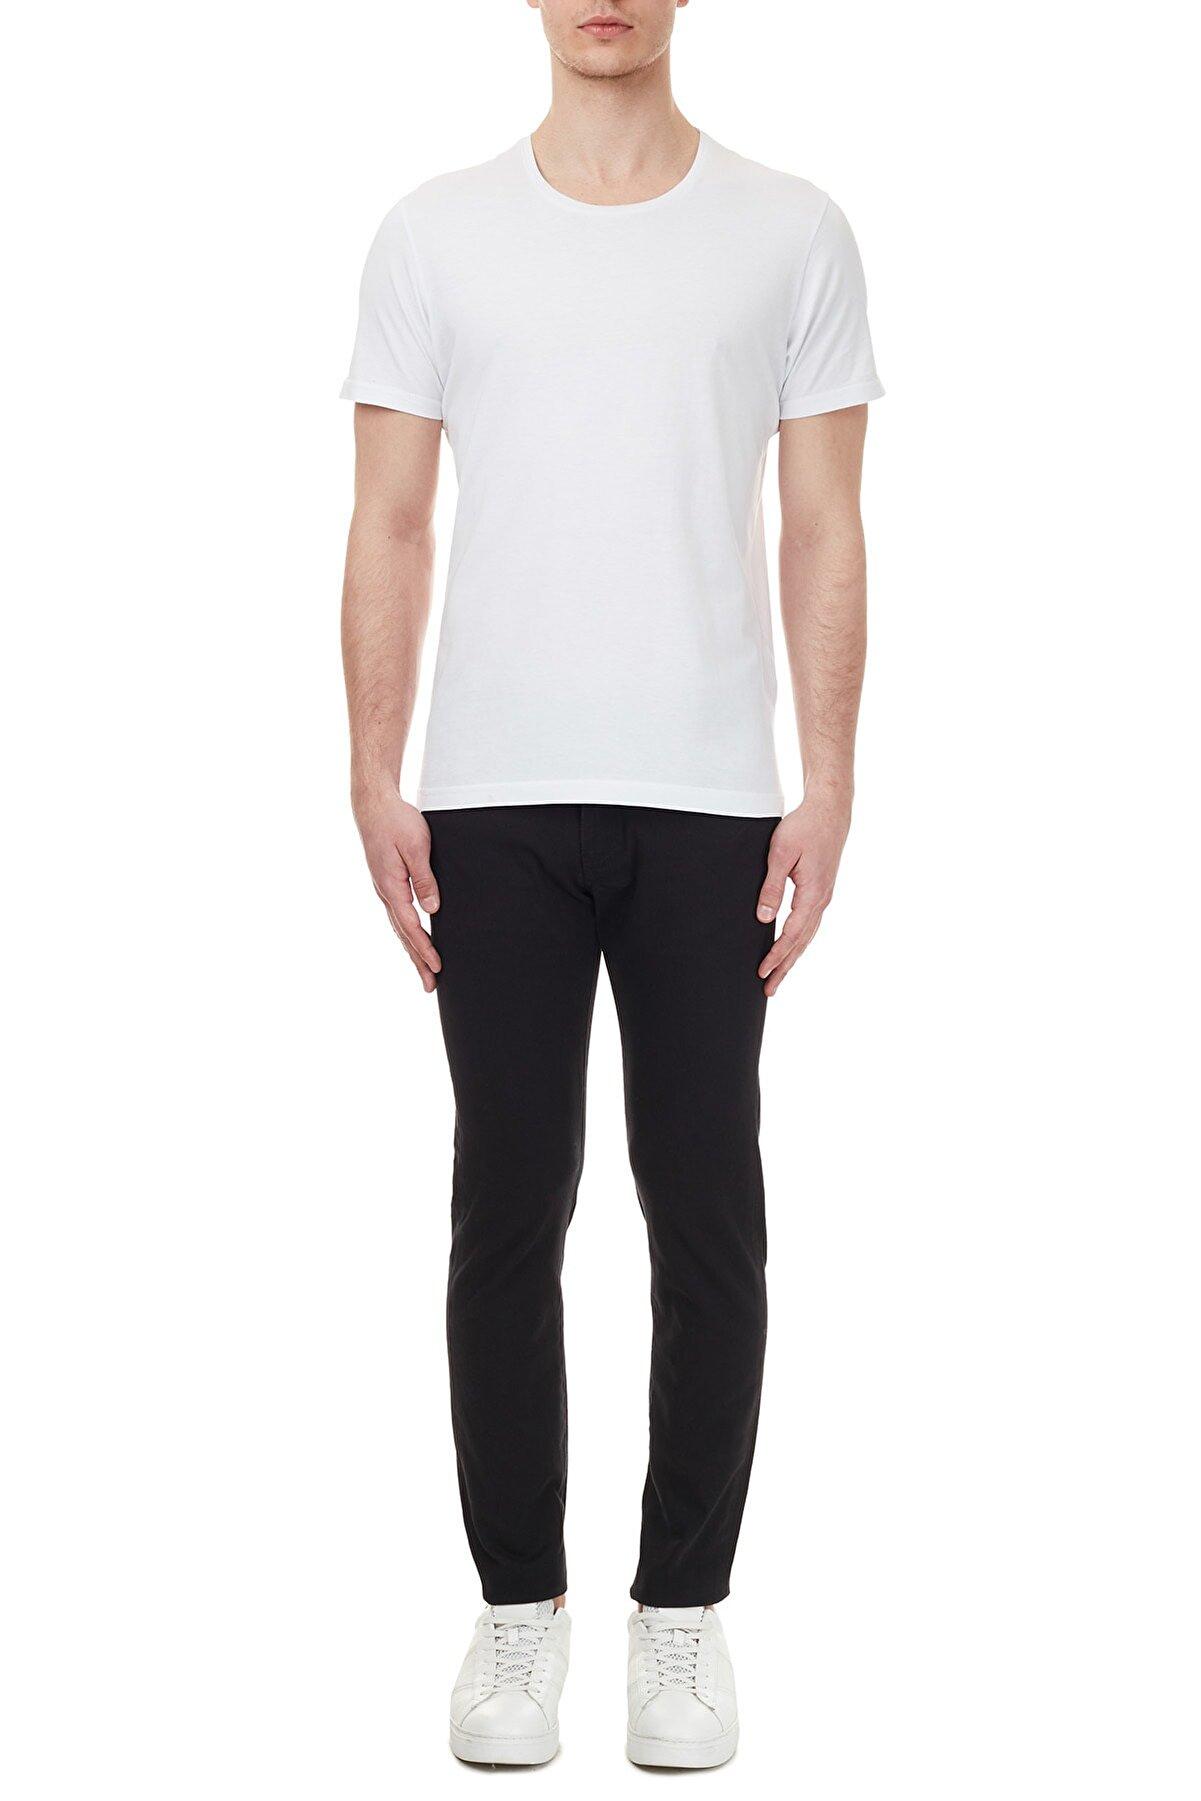 Armani Exchange Erkek Siyah Pantolon